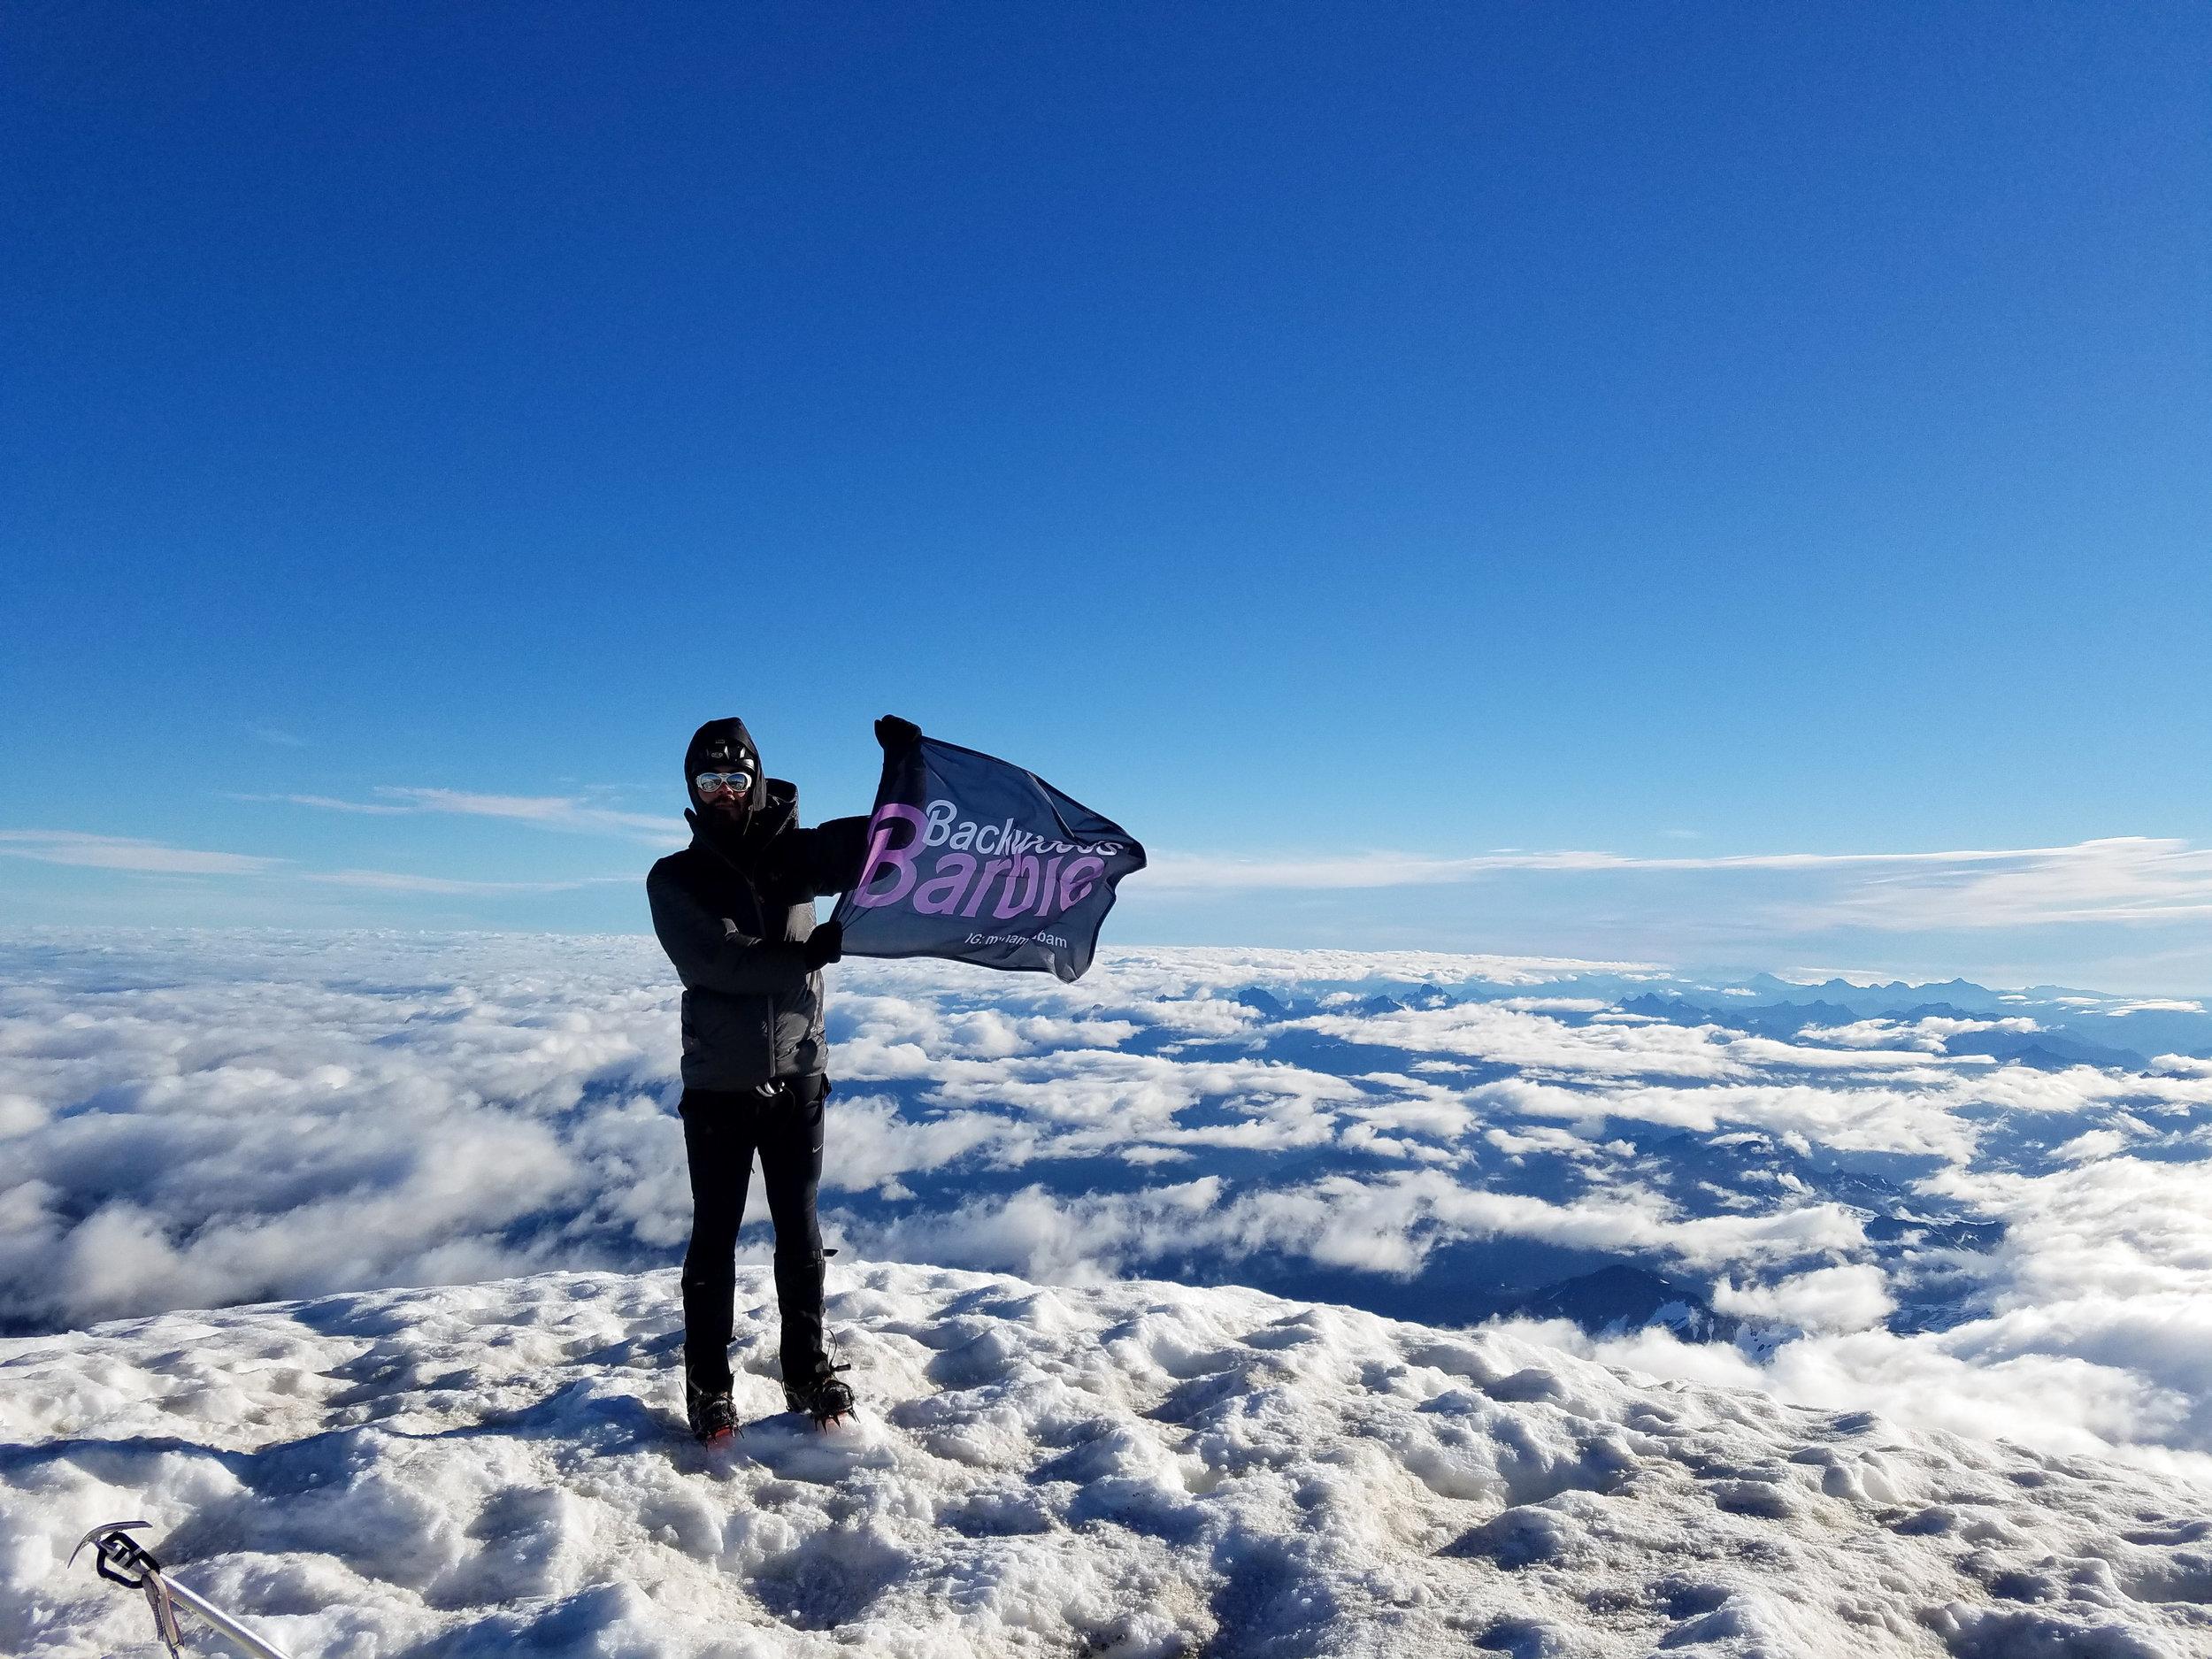 Bam Mendiola on Koma Kulshan (Mt. Baker)